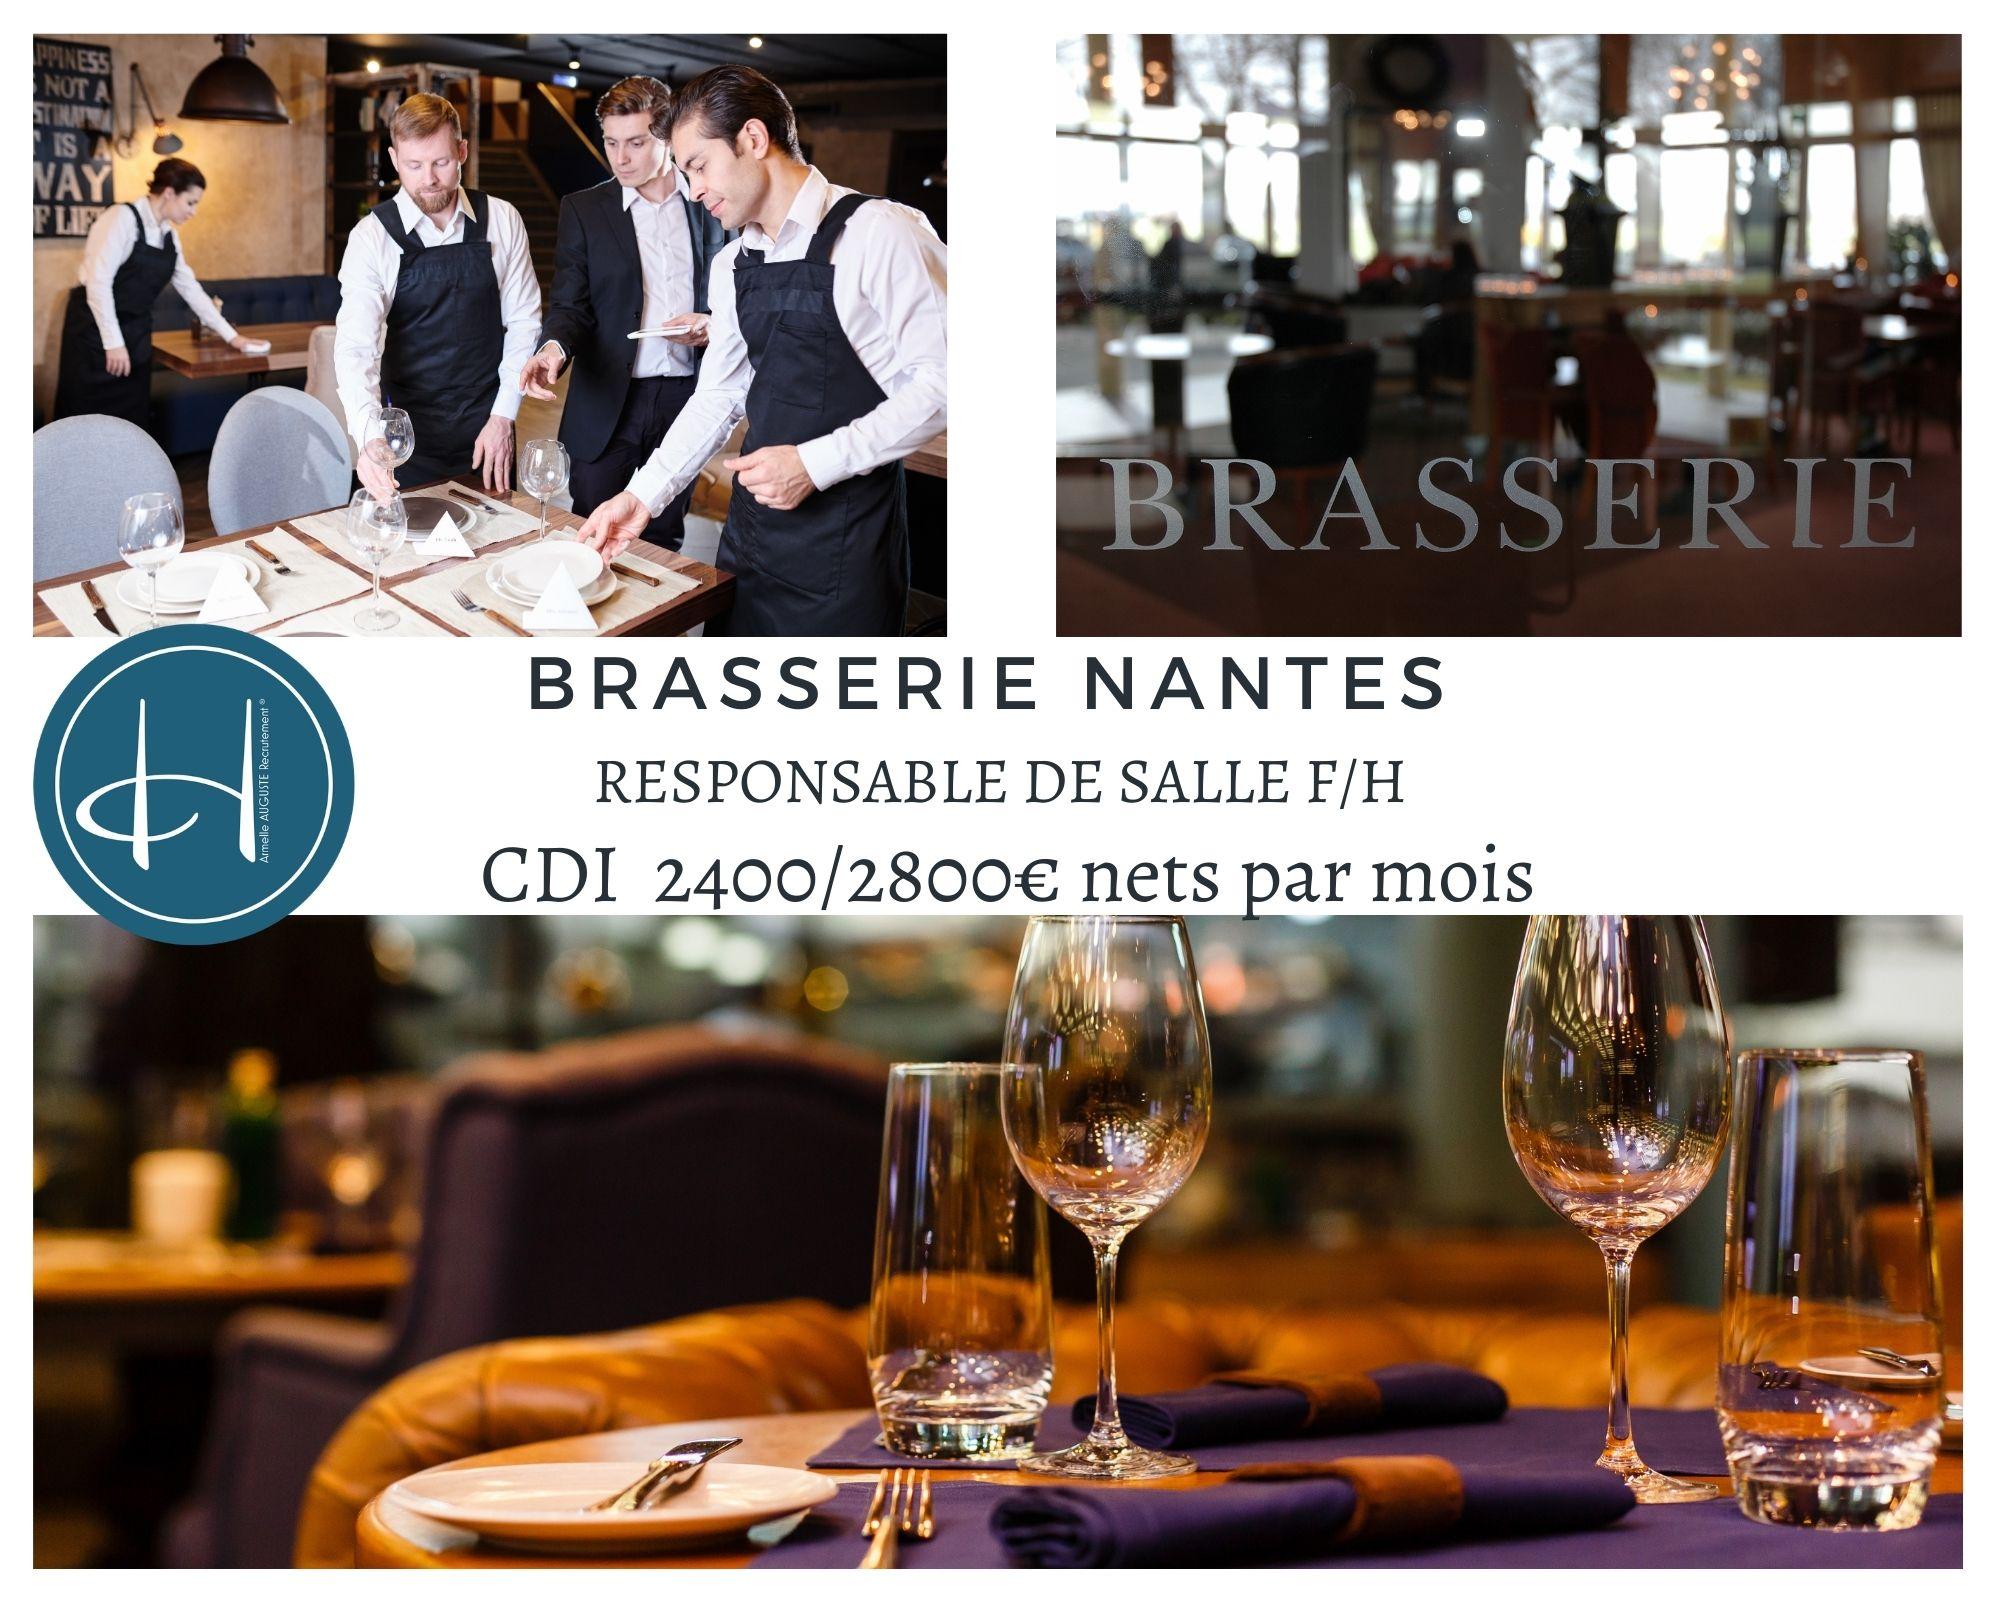 Recrutement: Responsable de salle - Brasserie - Nantes F/H chez Armelle AUGUSTE Recrutement® à Nantes